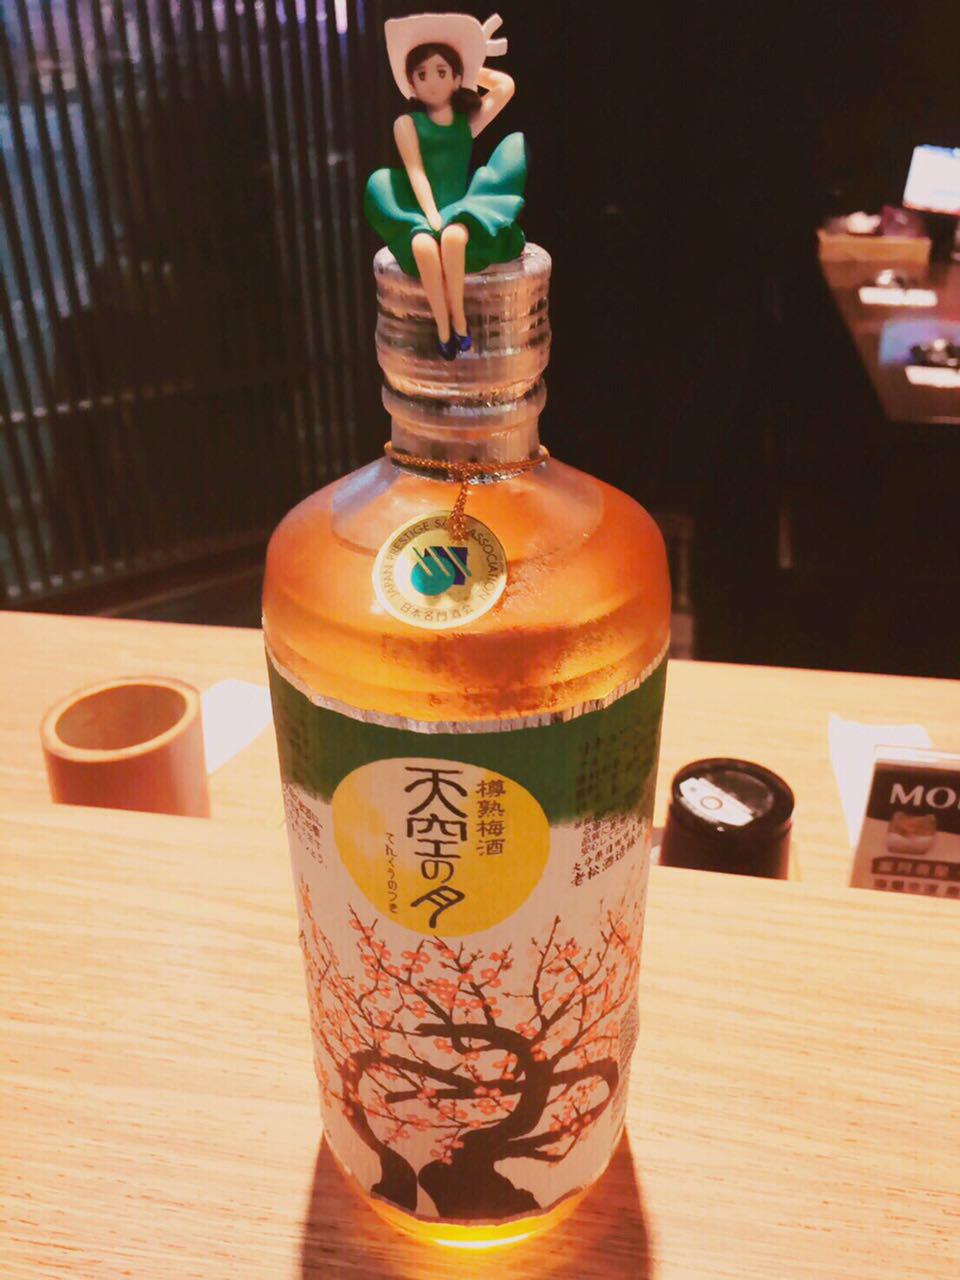 新竹正統日式串燒-MOIBON炭火串燒-日本黃金周來啦!